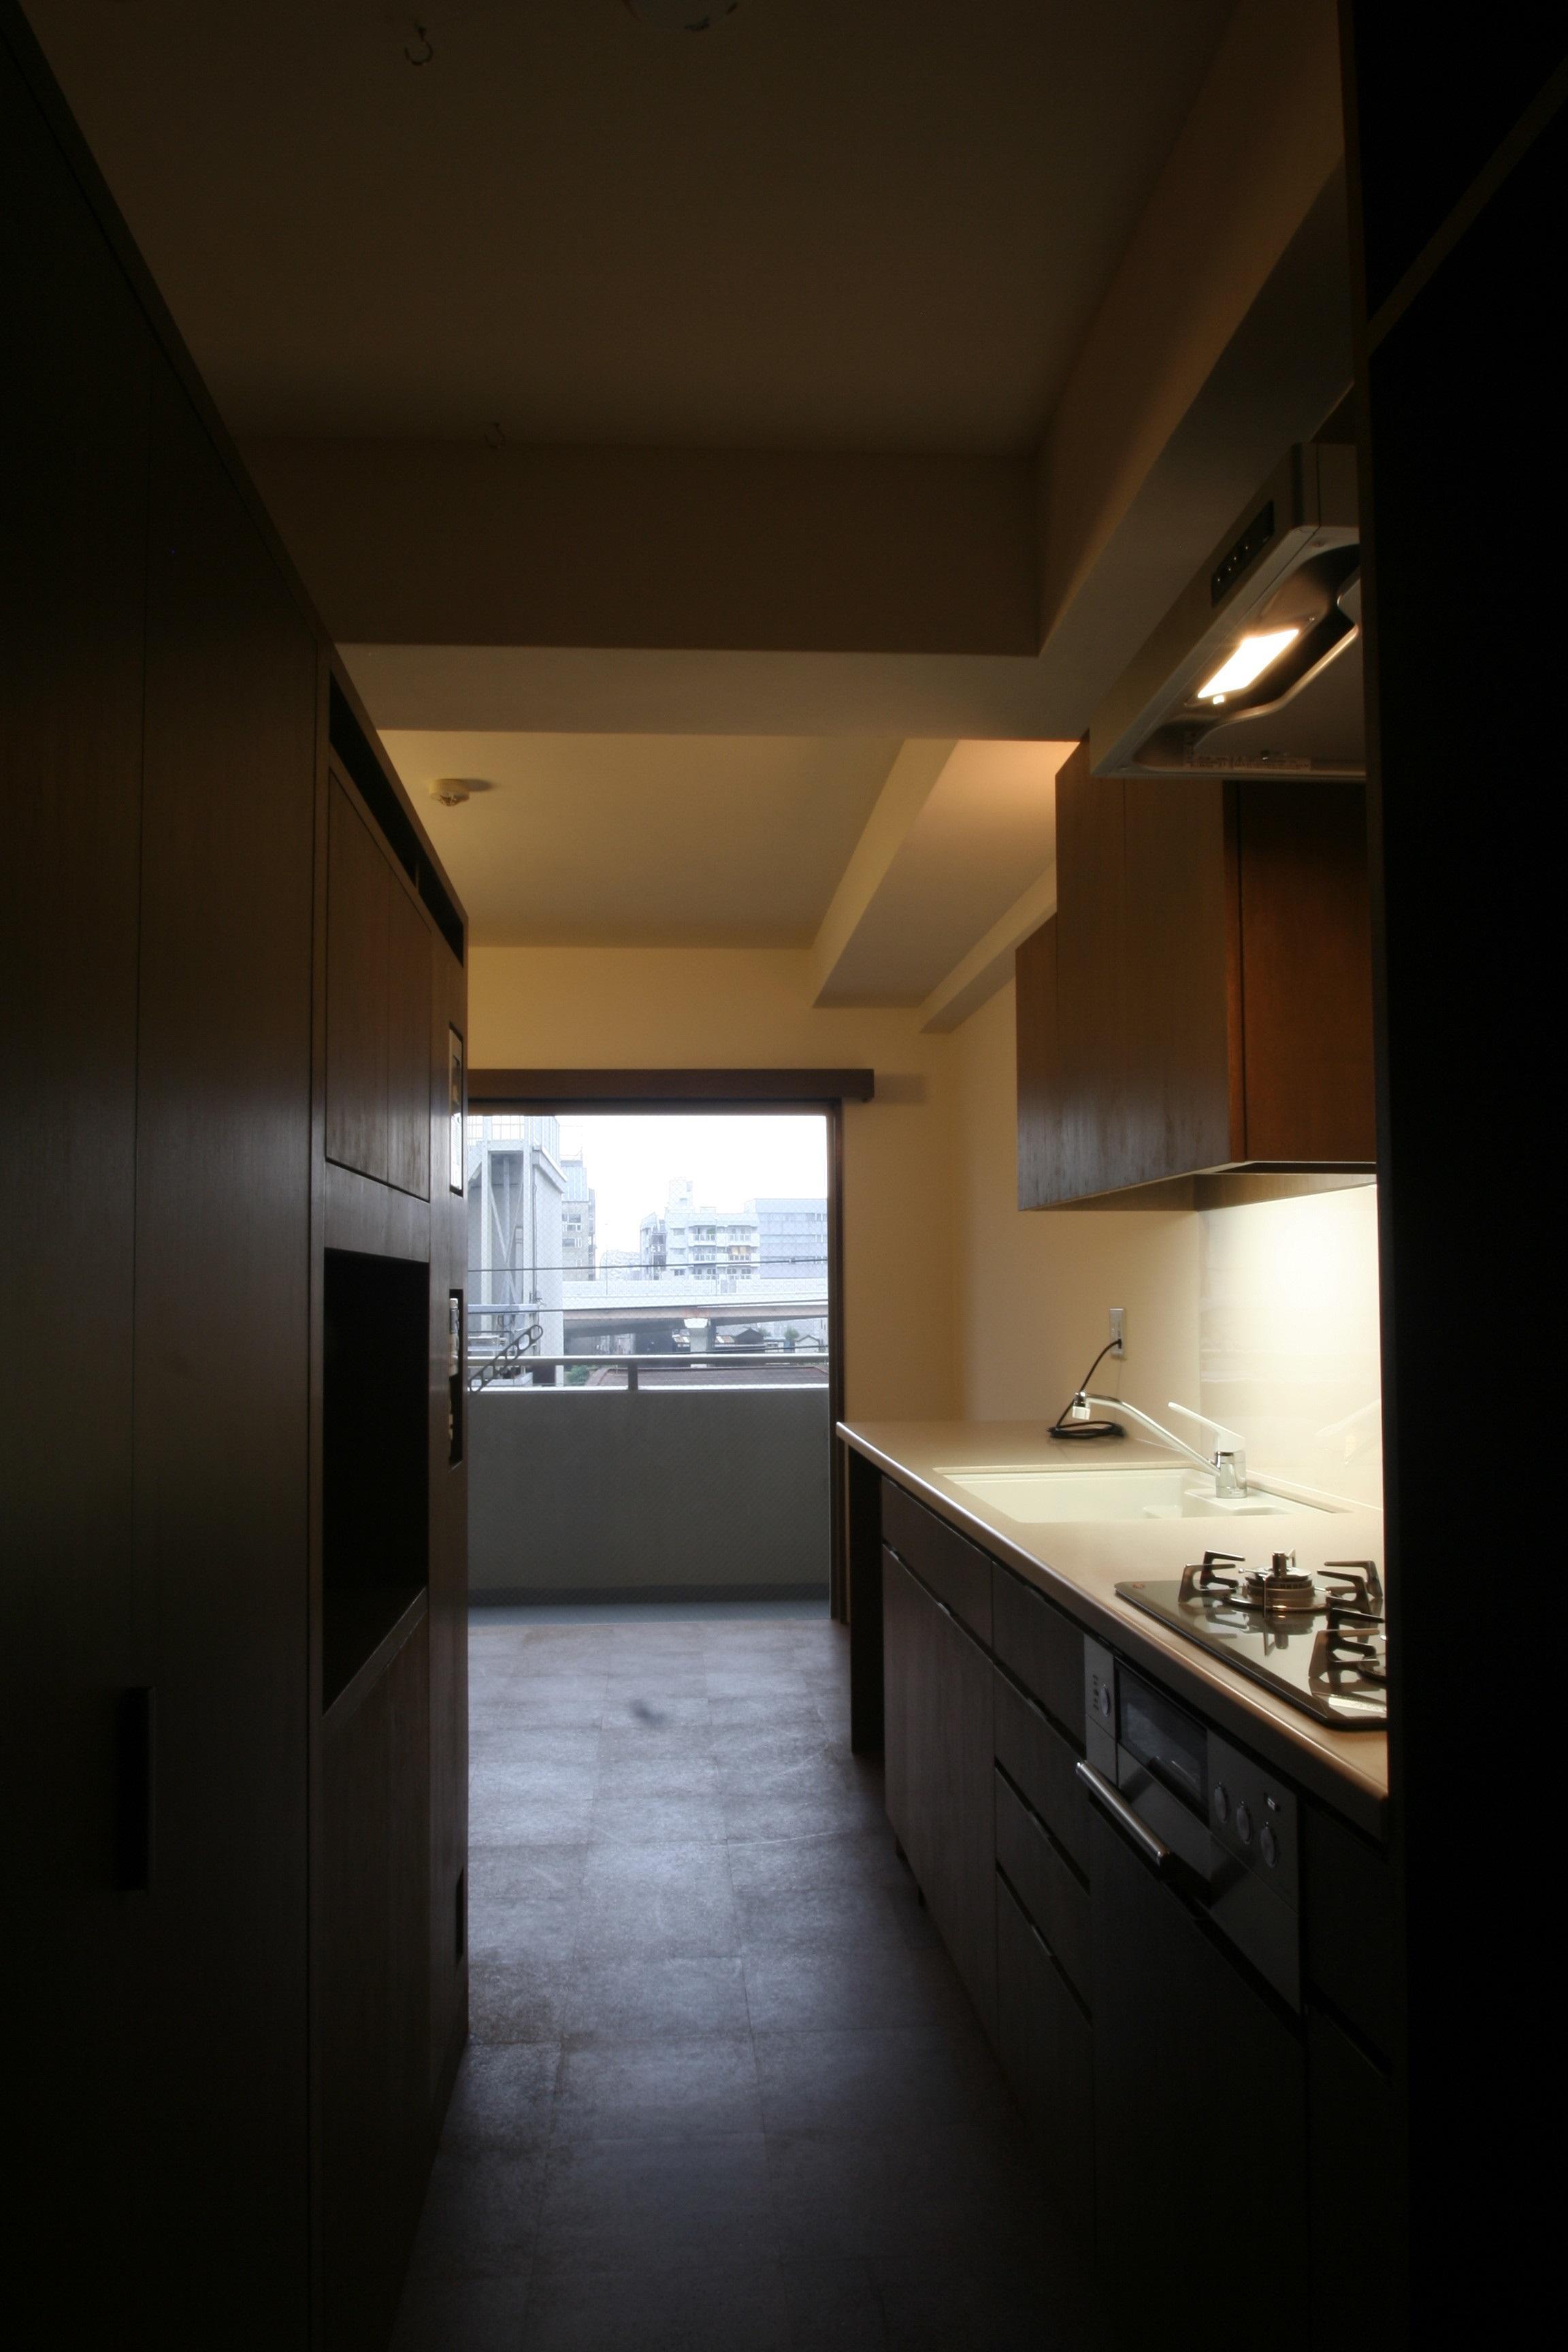 駒形-Mリフォームの部屋 収納たっぷりのキッチン